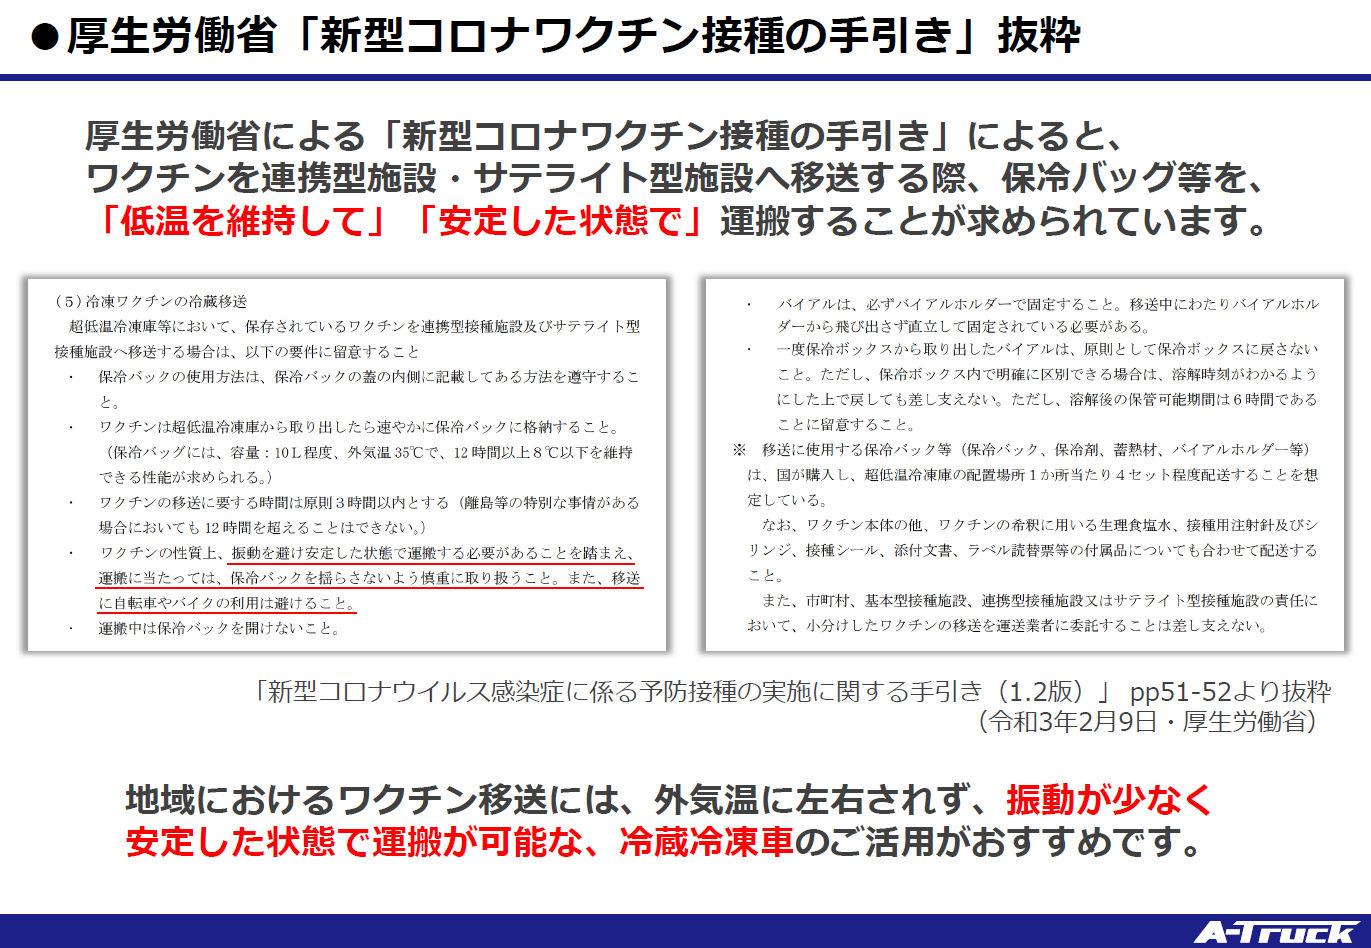 厚生労働省新型コロナワクチン接種の手引き抜粋